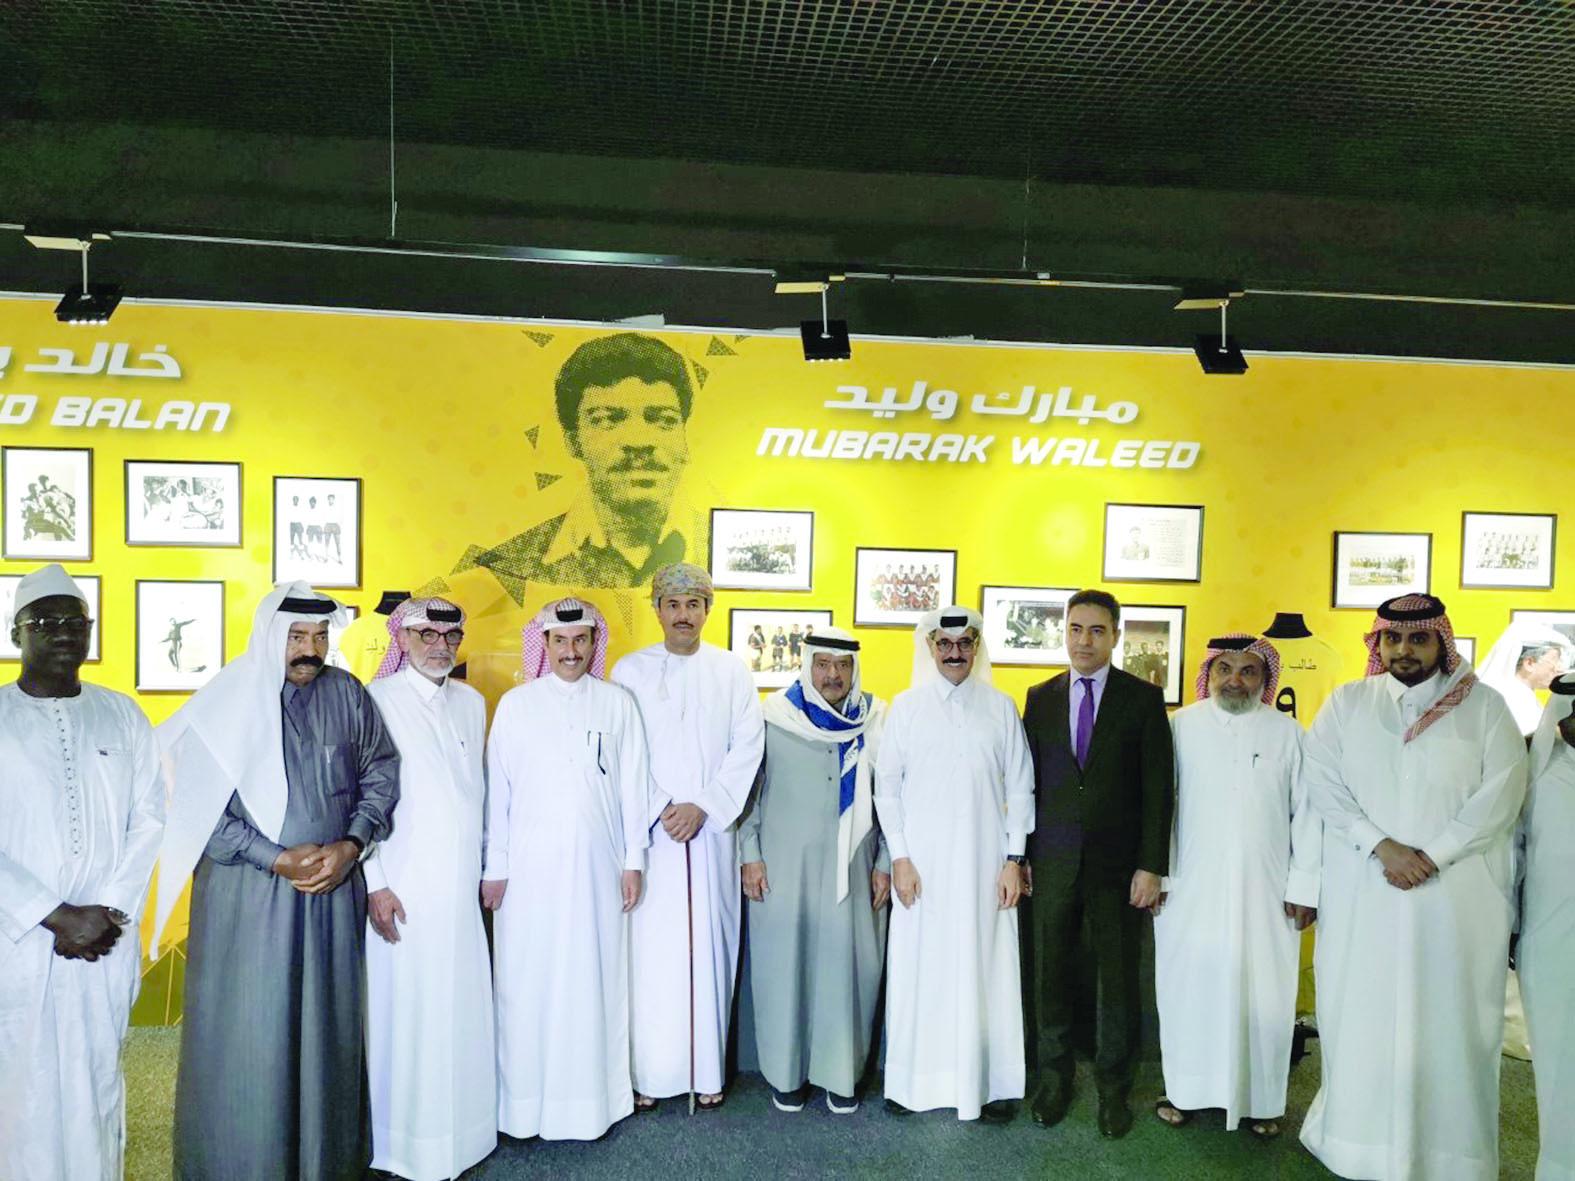 افتتاح معرض مقتنيات قدامى لاعبي نادي قطر في نسخته الخامسة